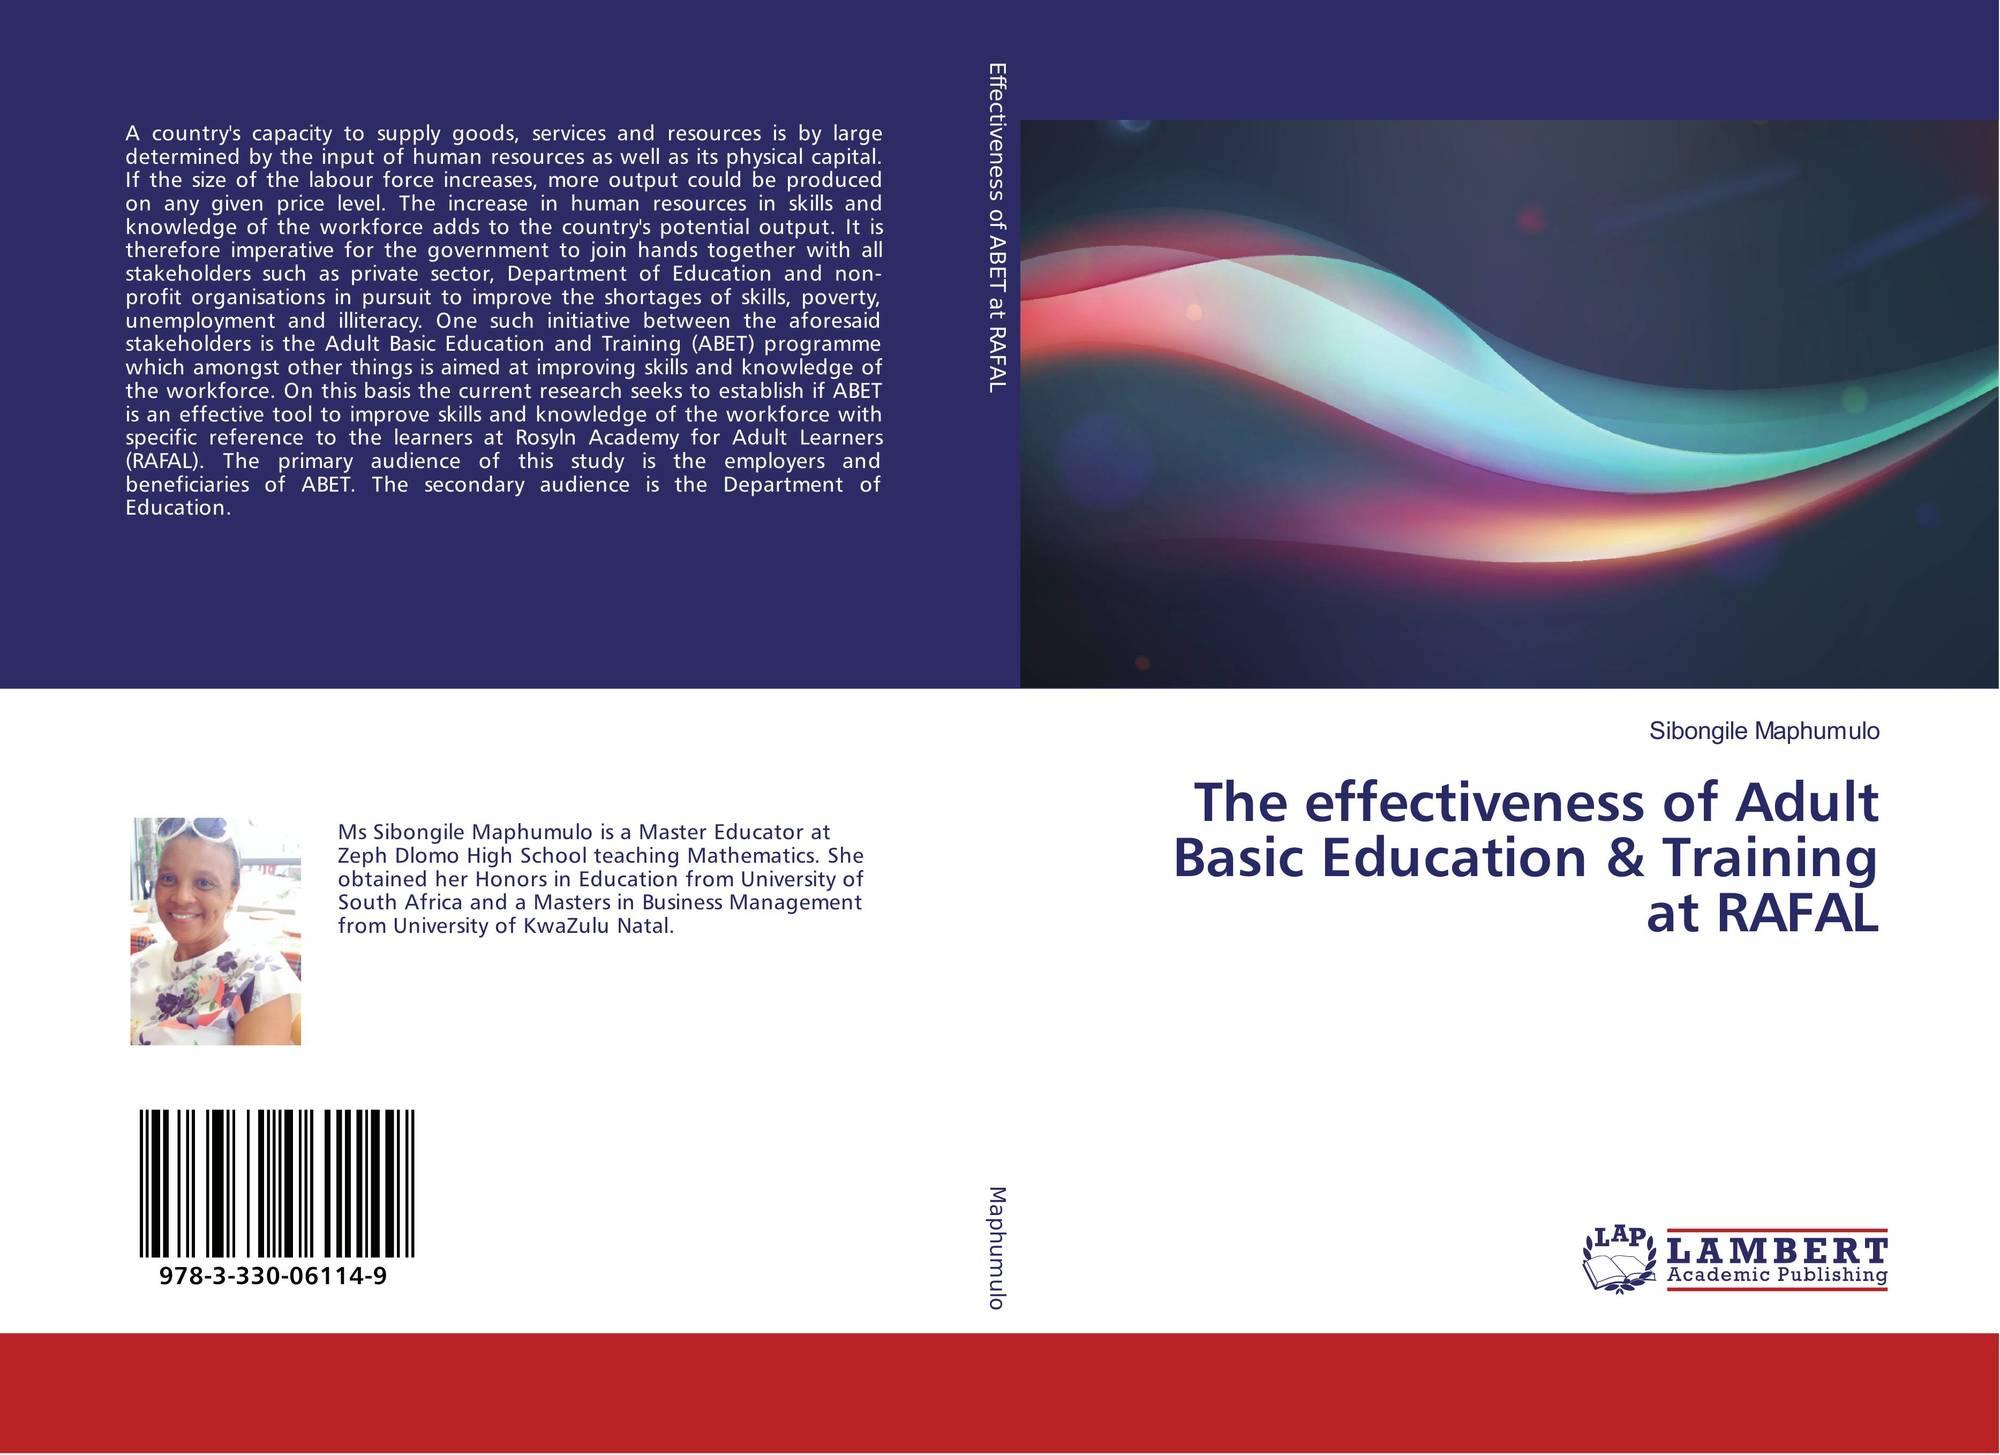 Adult basic education publication